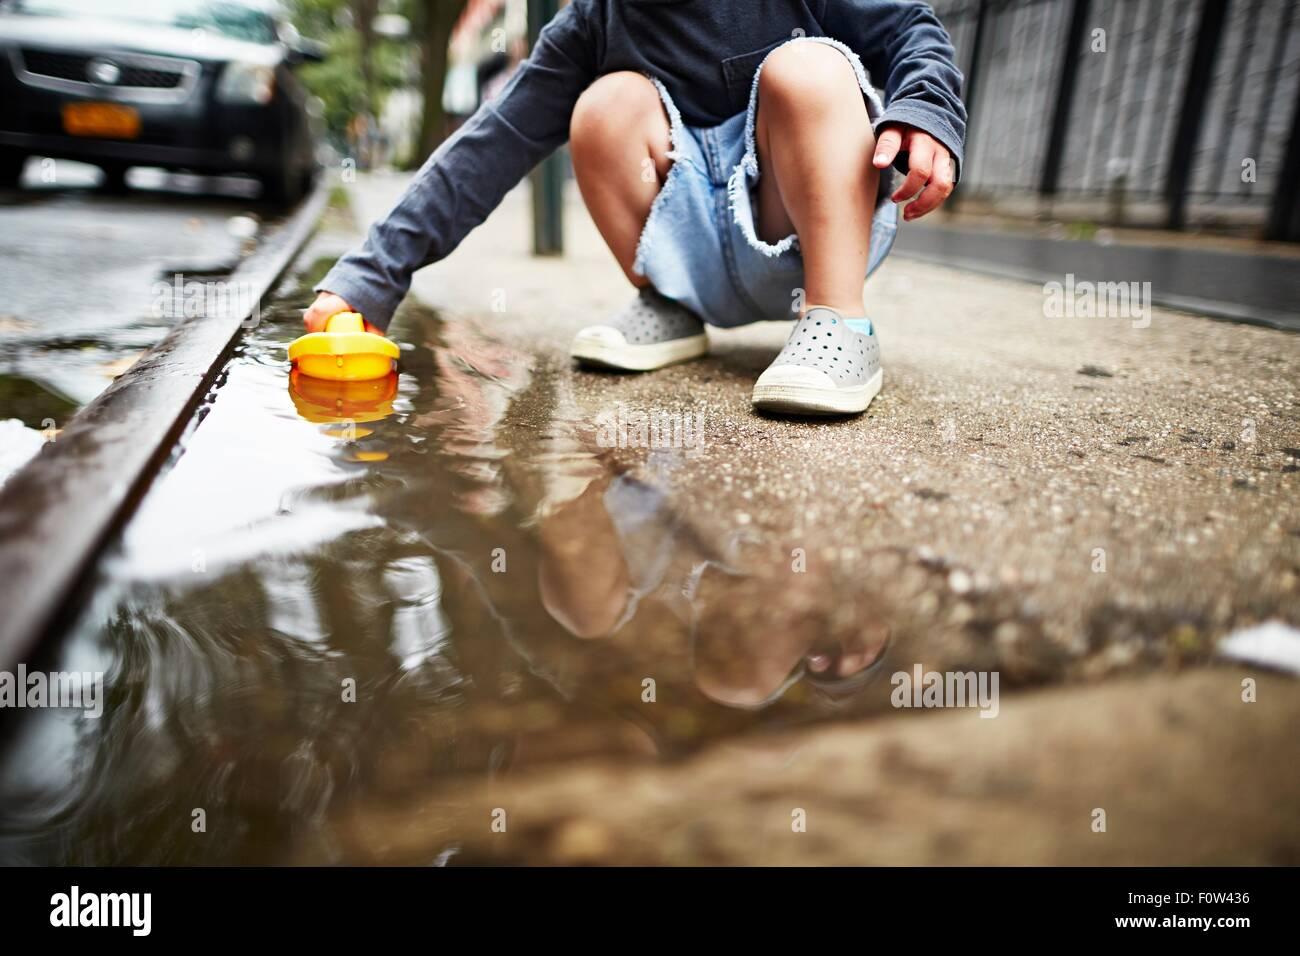 Niño jugando con barco de juguete en agua sobre pavimento Imagen De Stock